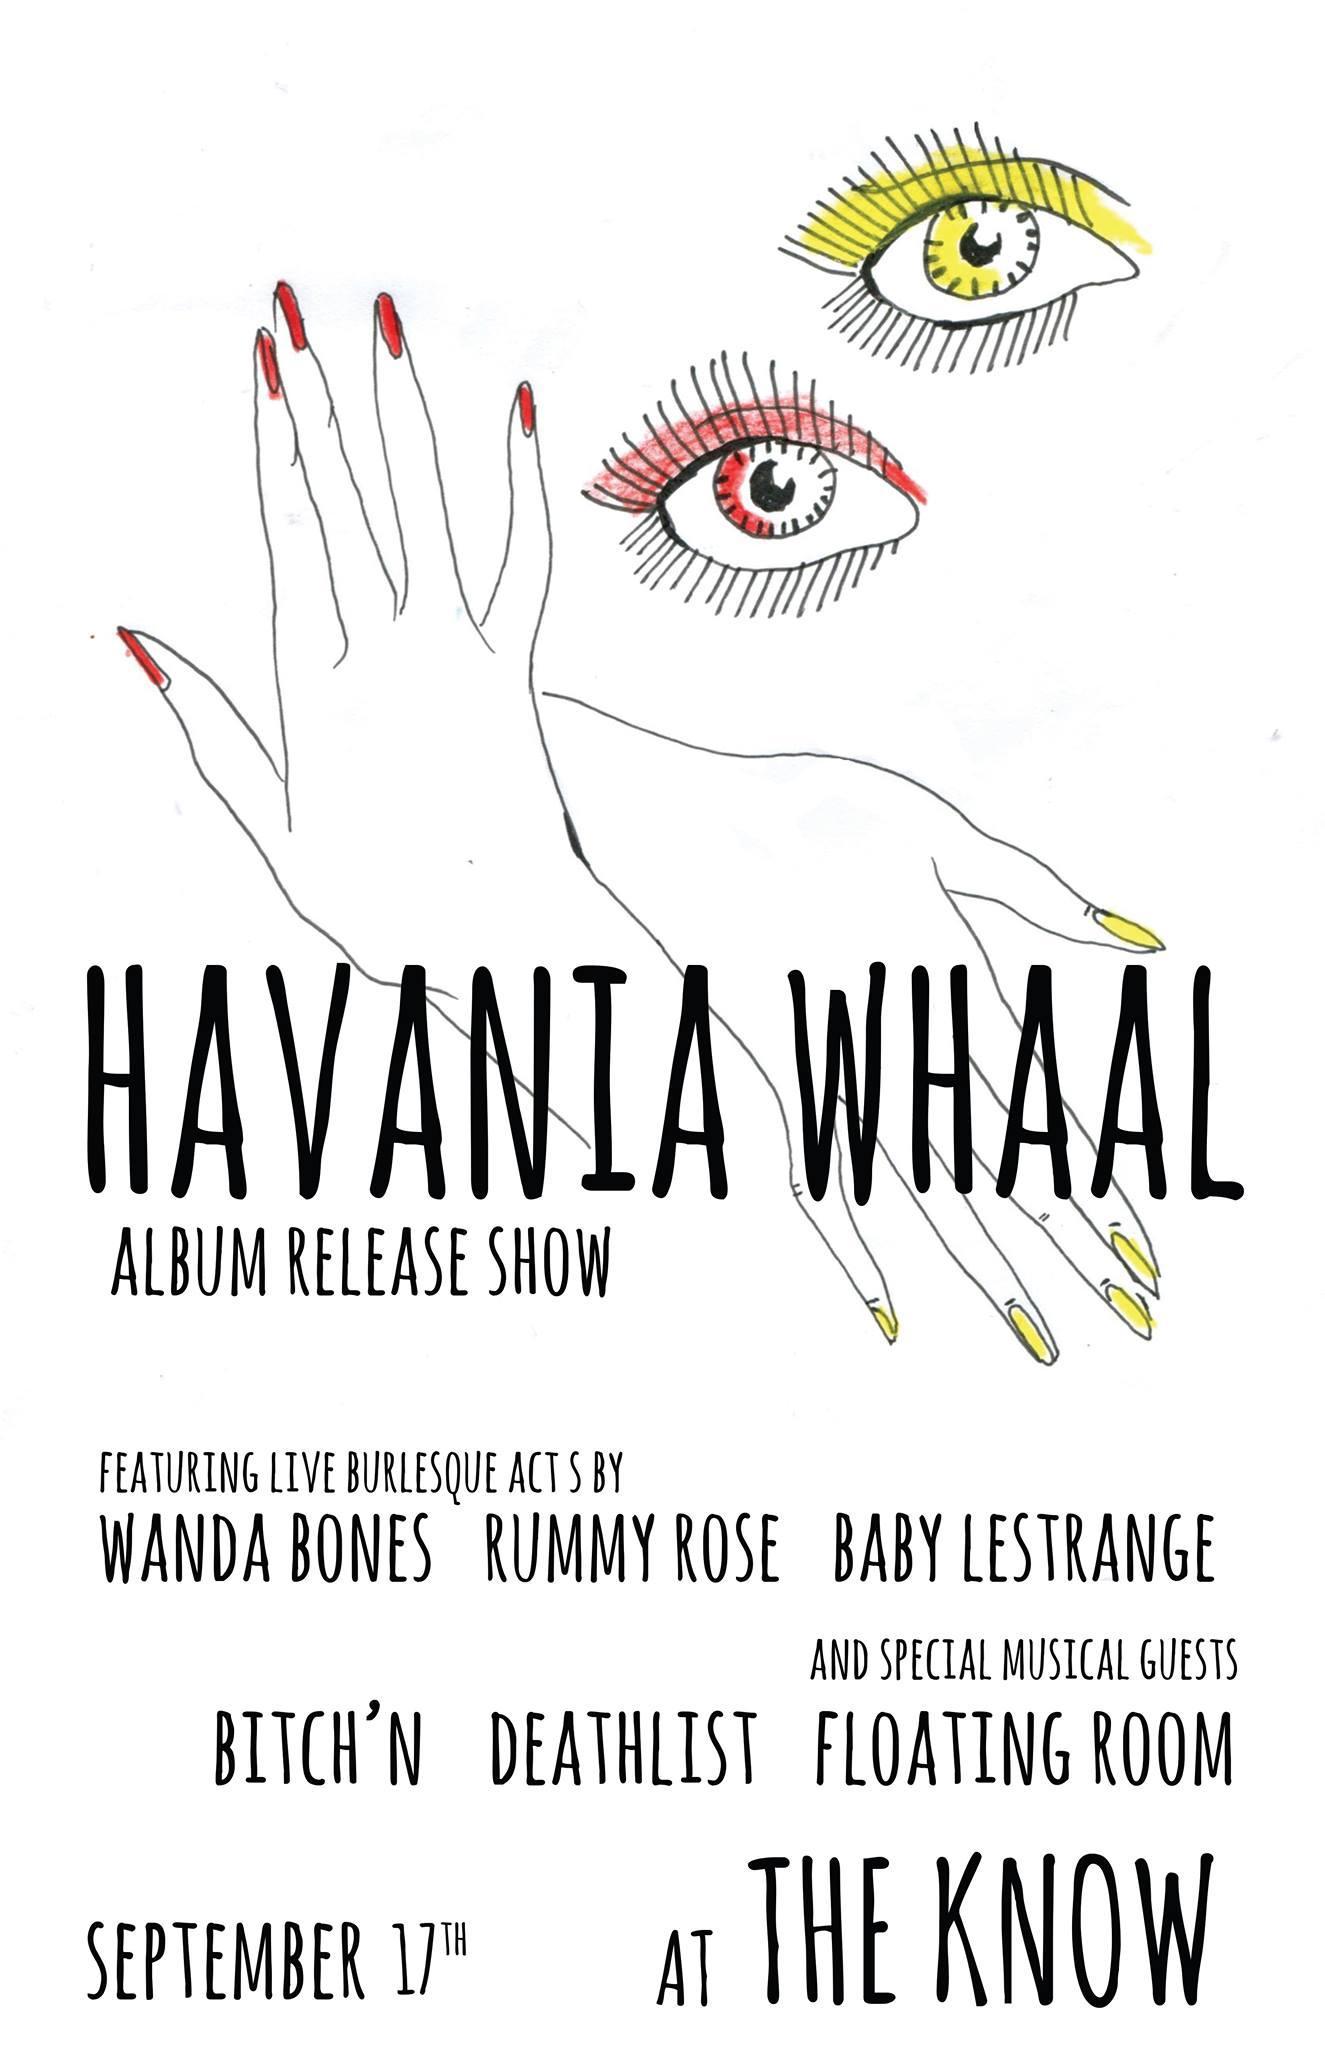 Havania Whaal // Bitch'n // Deathlist // Floating Room